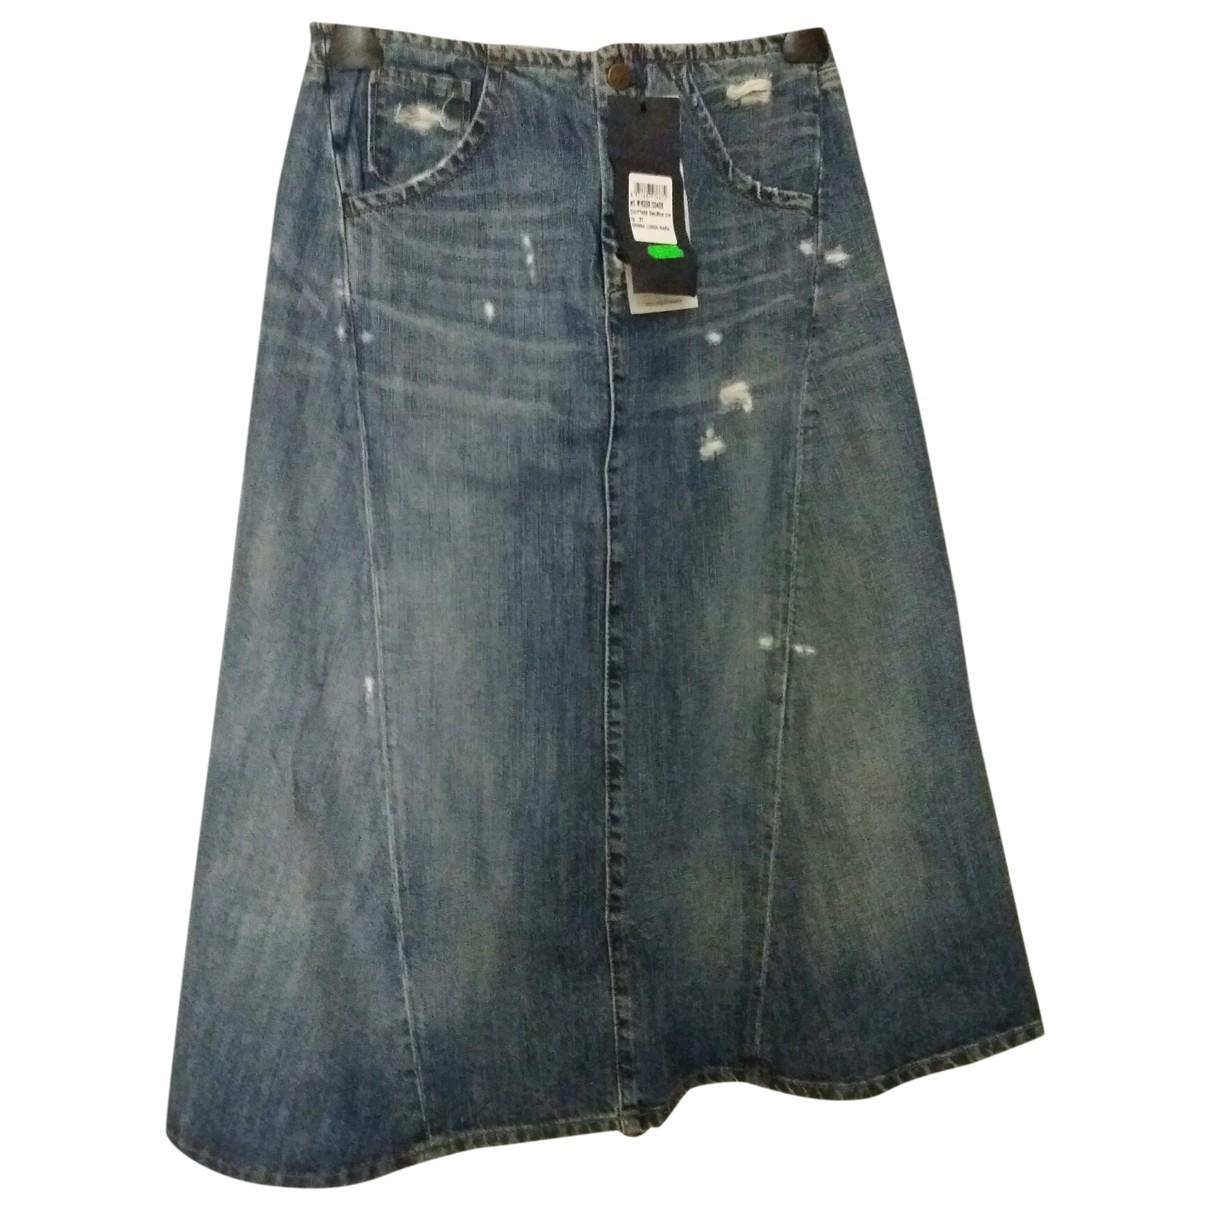 Liu.jo \N Blue Denim - Jeans skirt for Women 40 IT